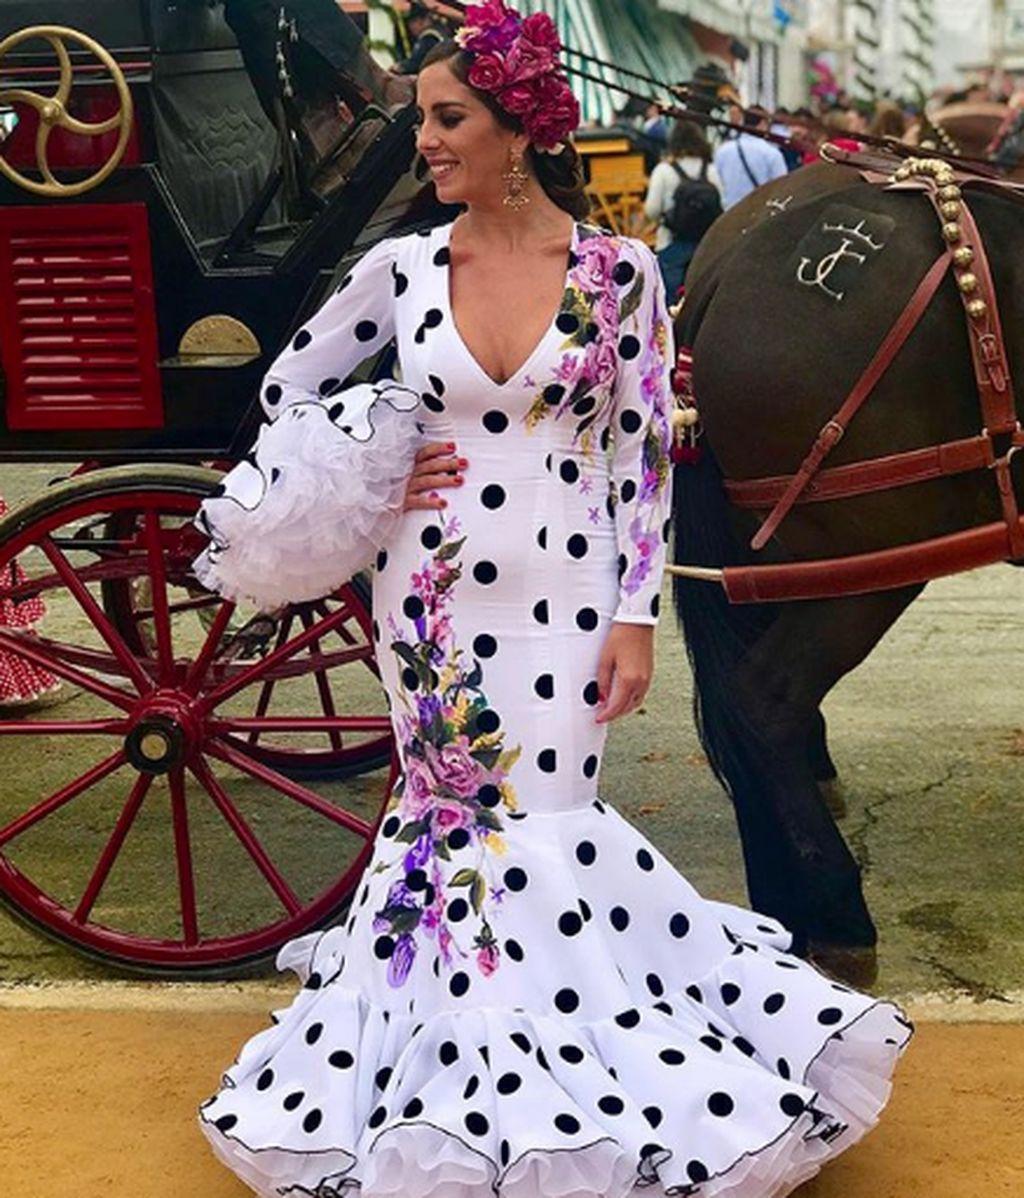 Agarrados de la mano y con sonrisas cómplices: Así están disfrutando Anabel Pantoja y su novio de la Feria de Abril